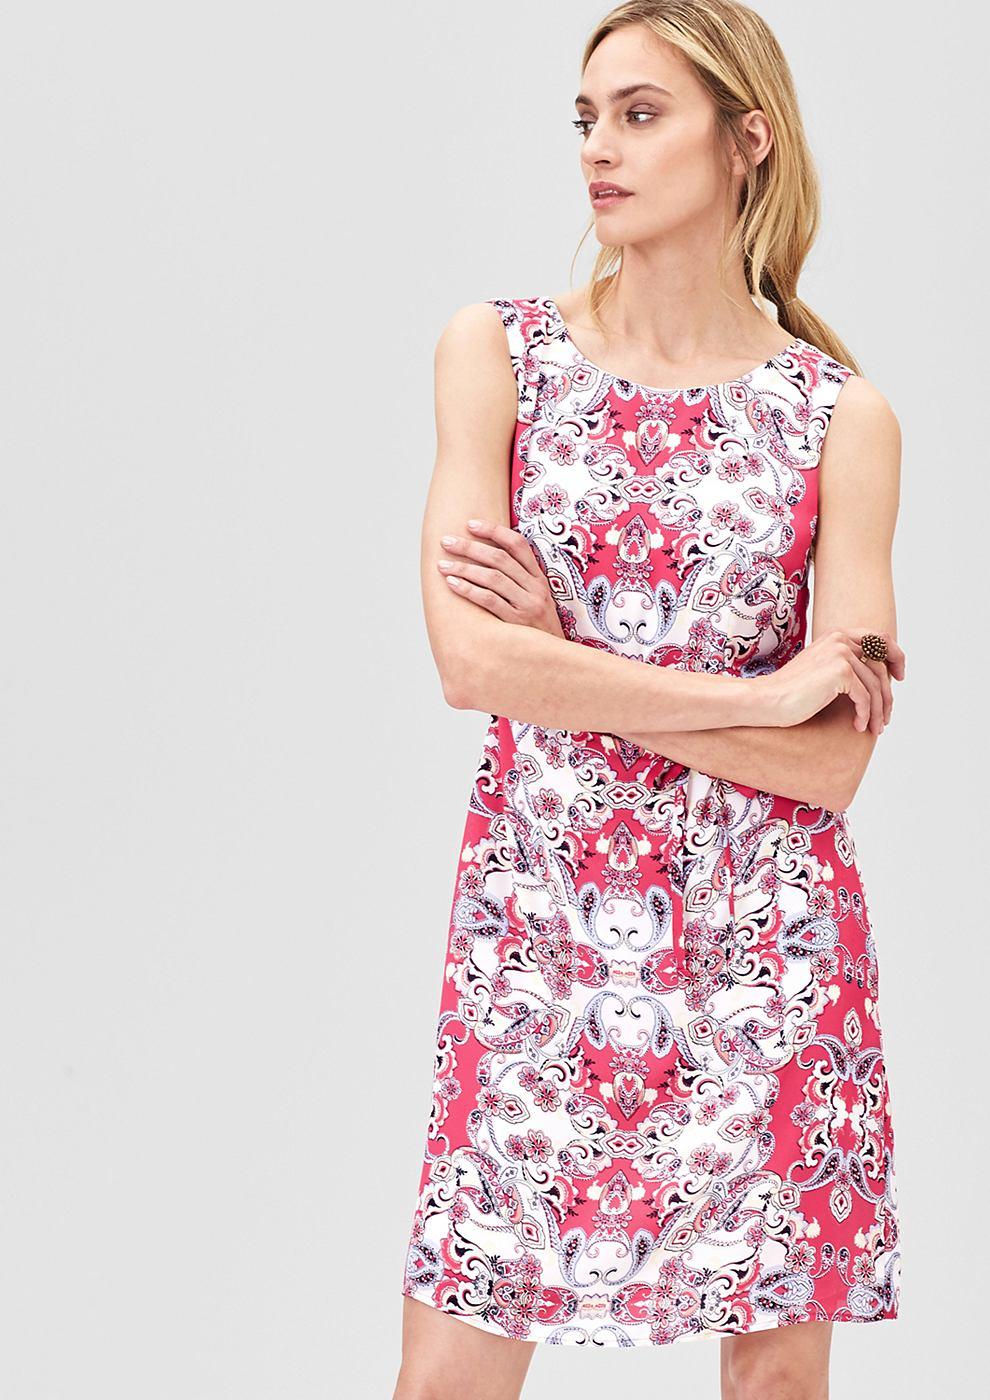 s.Oliver Premium Fijne jurk met een ornamentenmotief roze